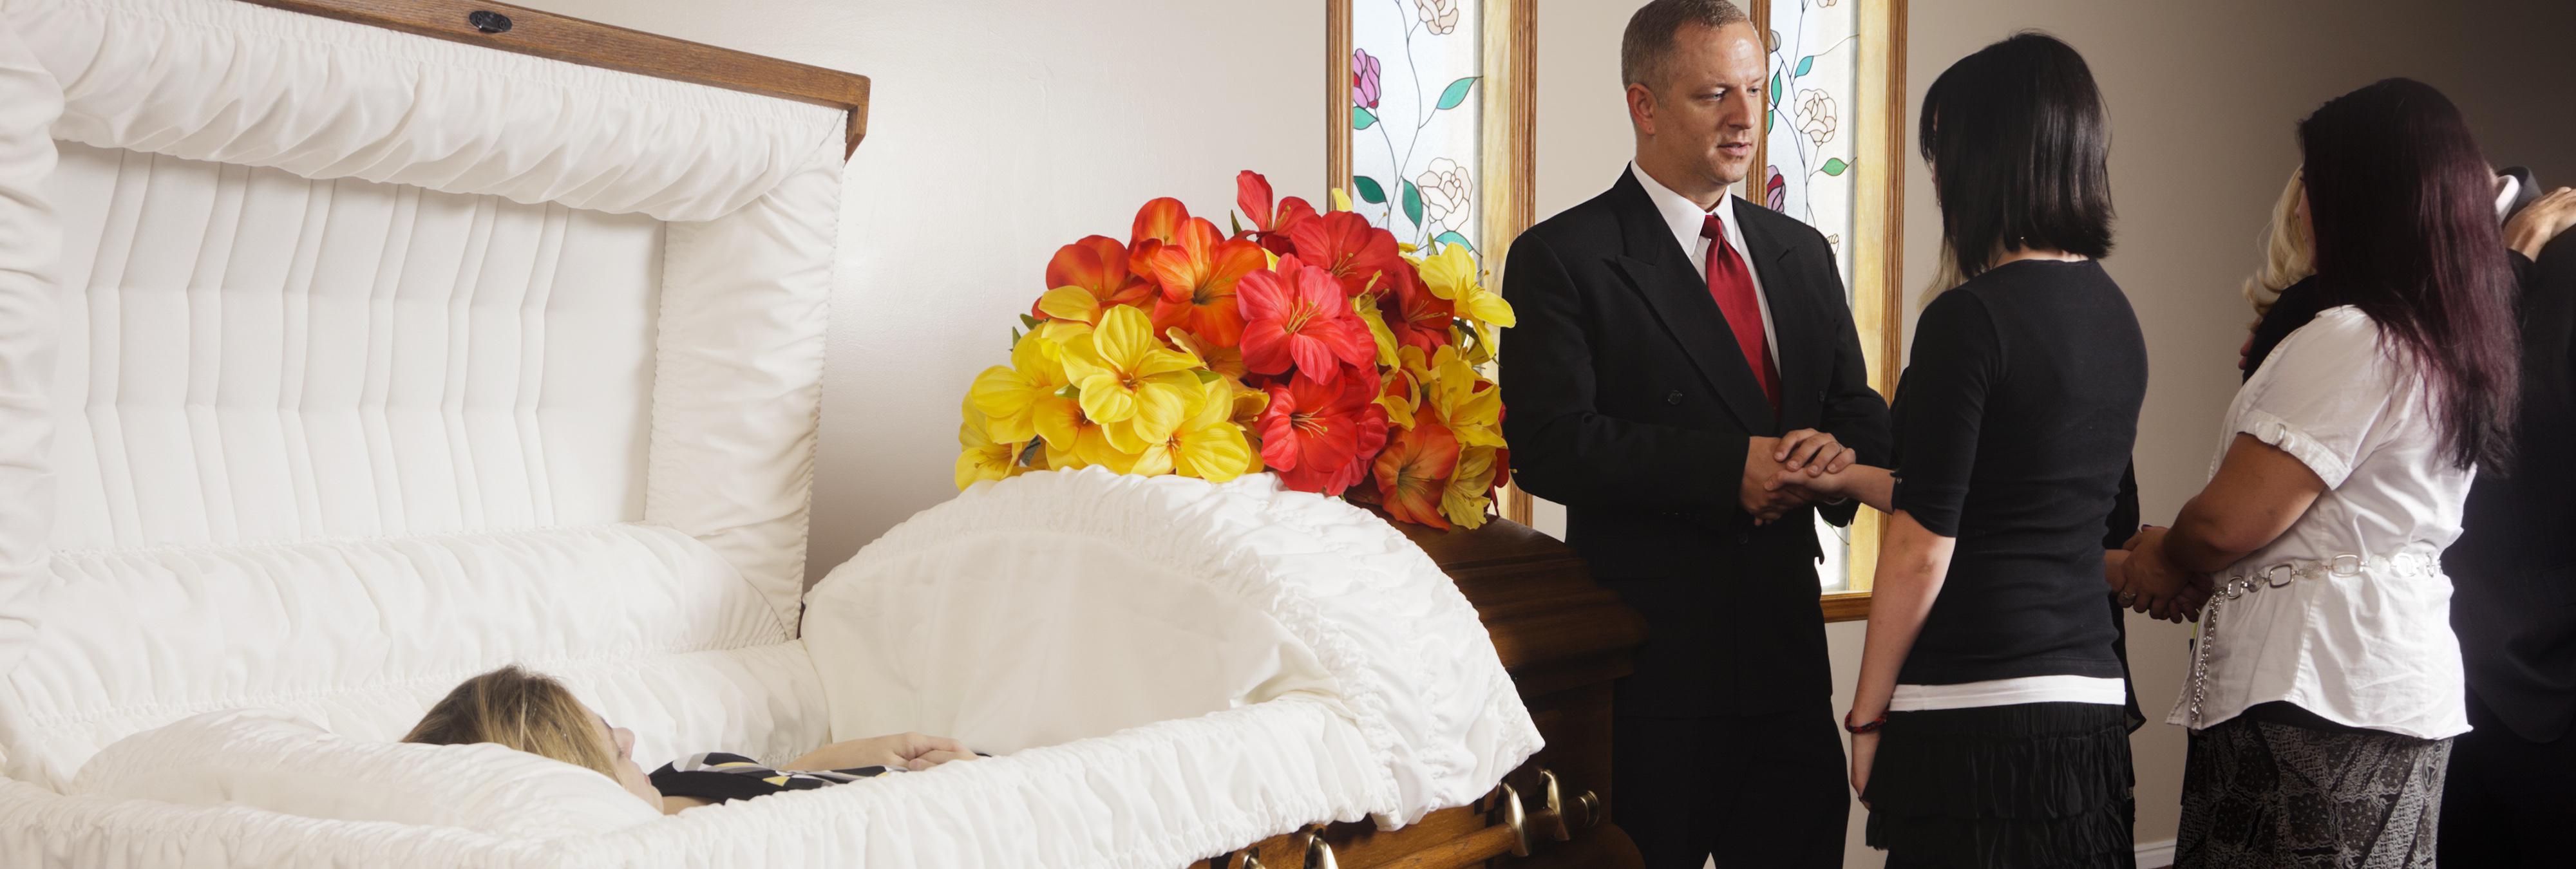 """""""¿Qué estáis haciendo? ¿Estáis celebrando mi propio funeral?"""""""